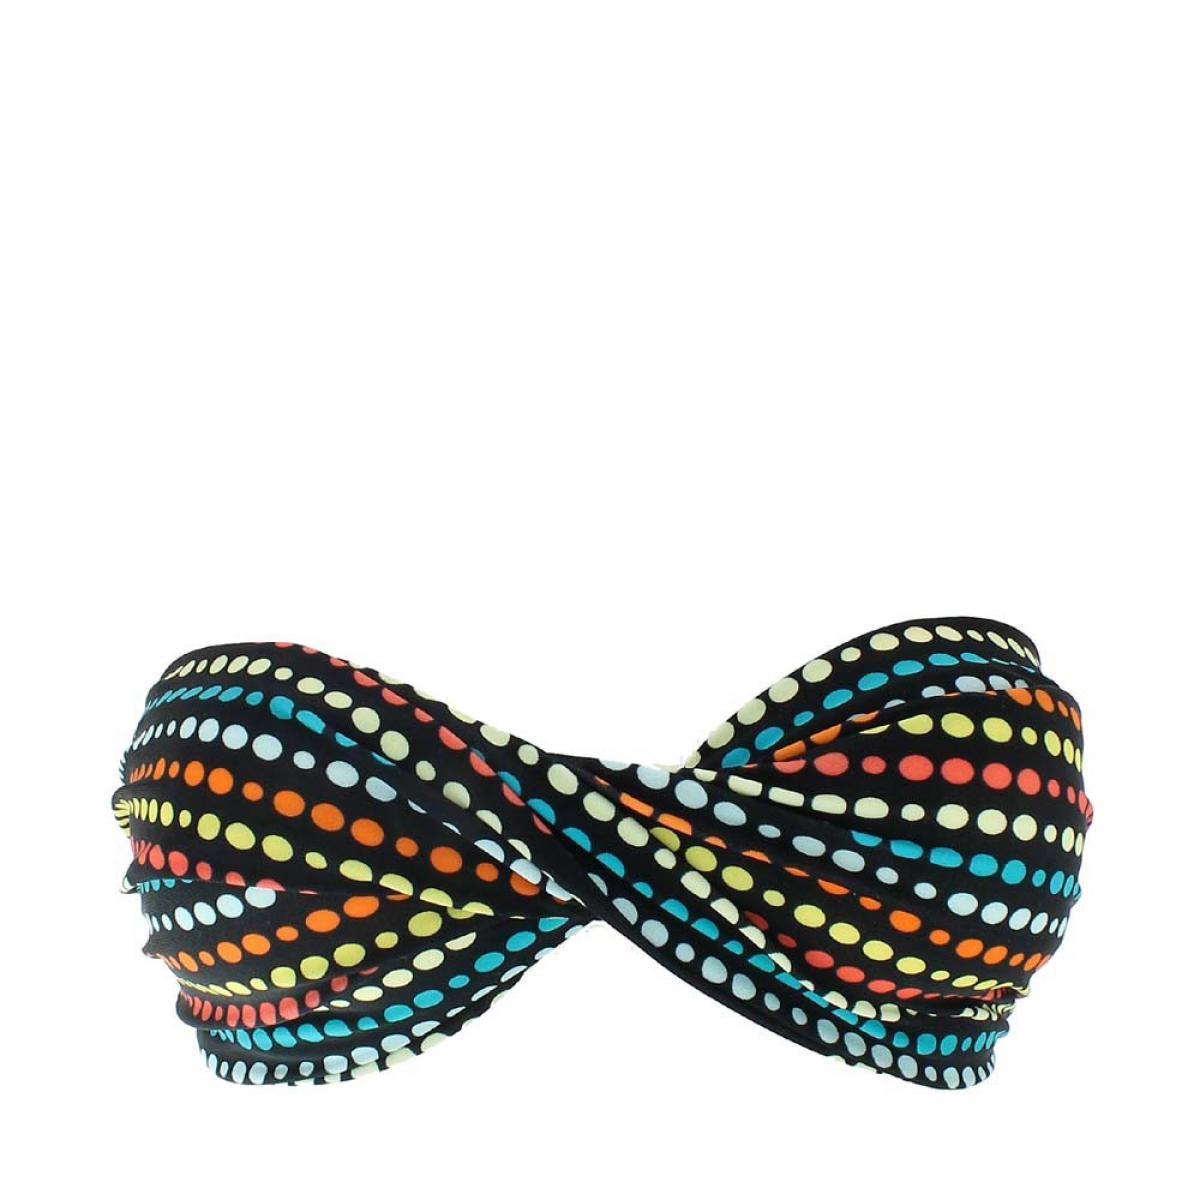 soutien gorge bowun noir pois multicolore par little marcel. Black Bedroom Furniture Sets. Home Design Ideas